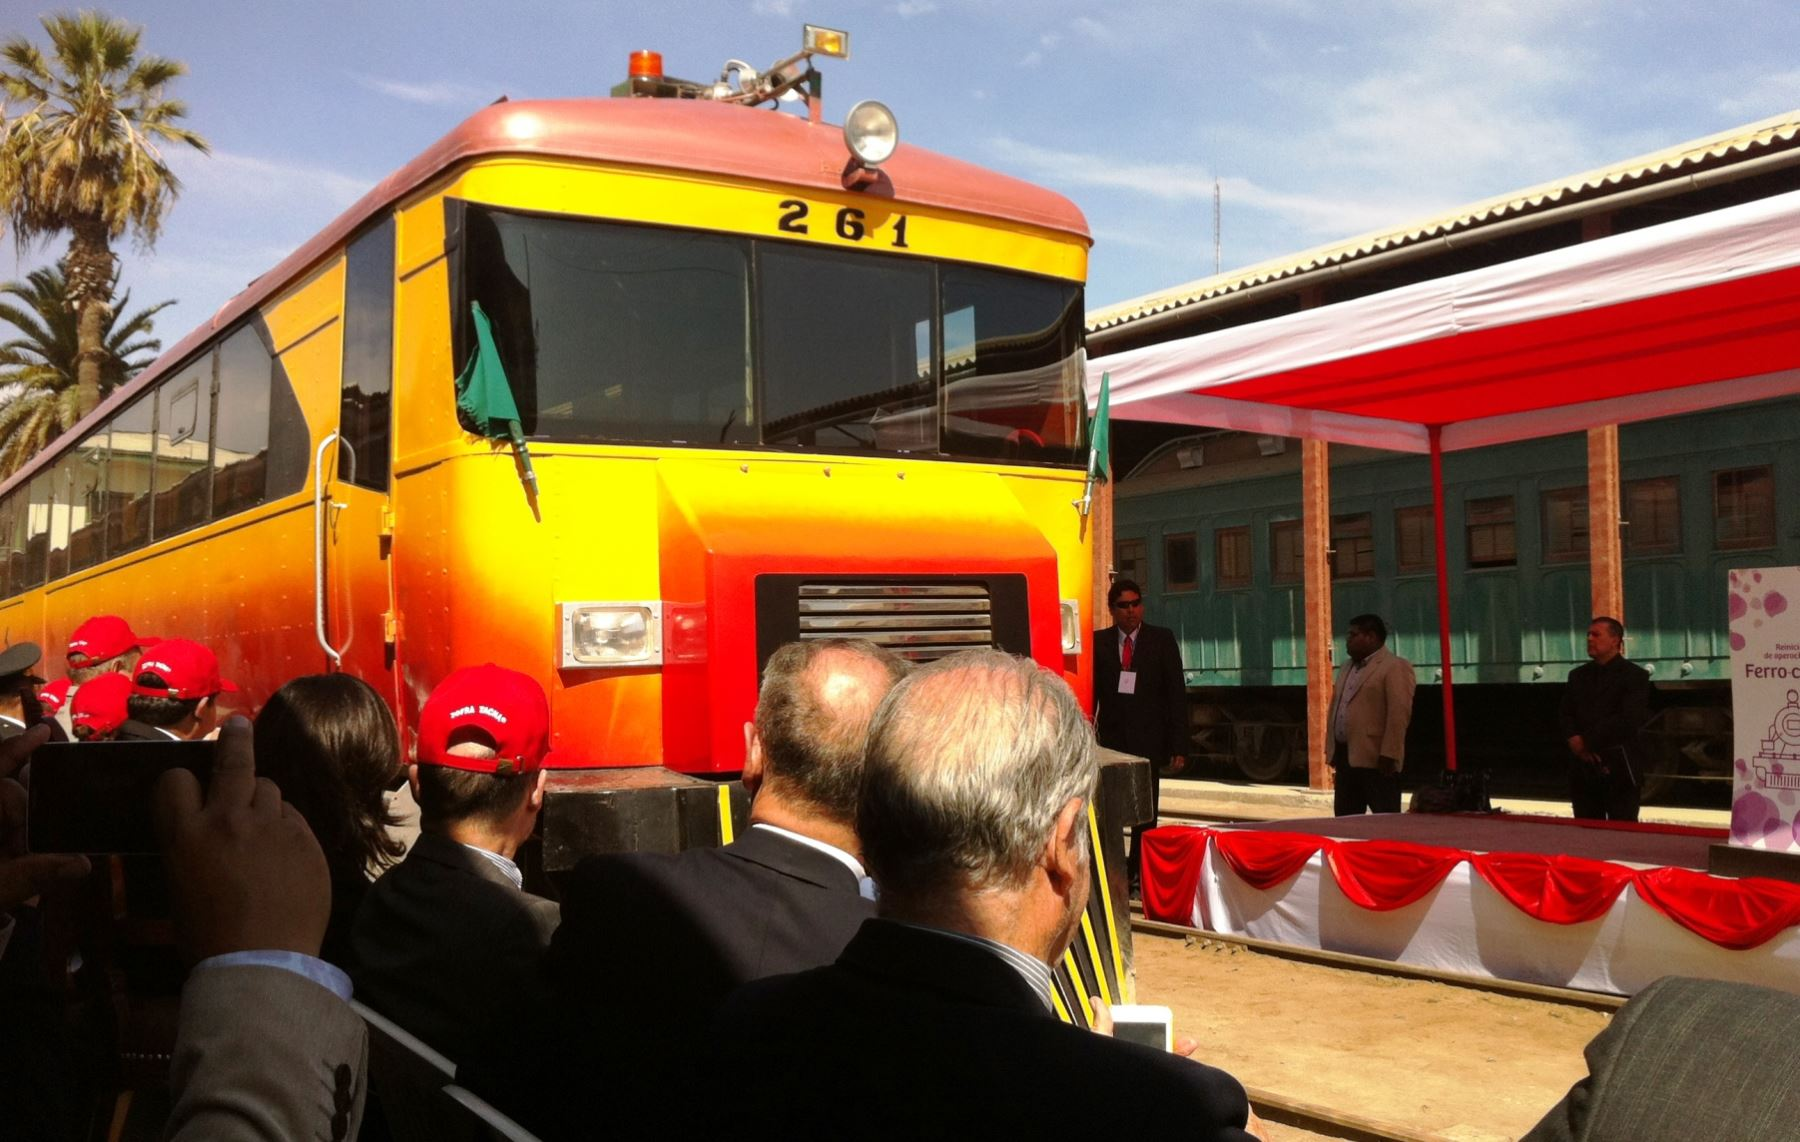 El histórico Ferrocarril Tacna-Arica reinició hoy su funcionamiento con un viaje inaugural.